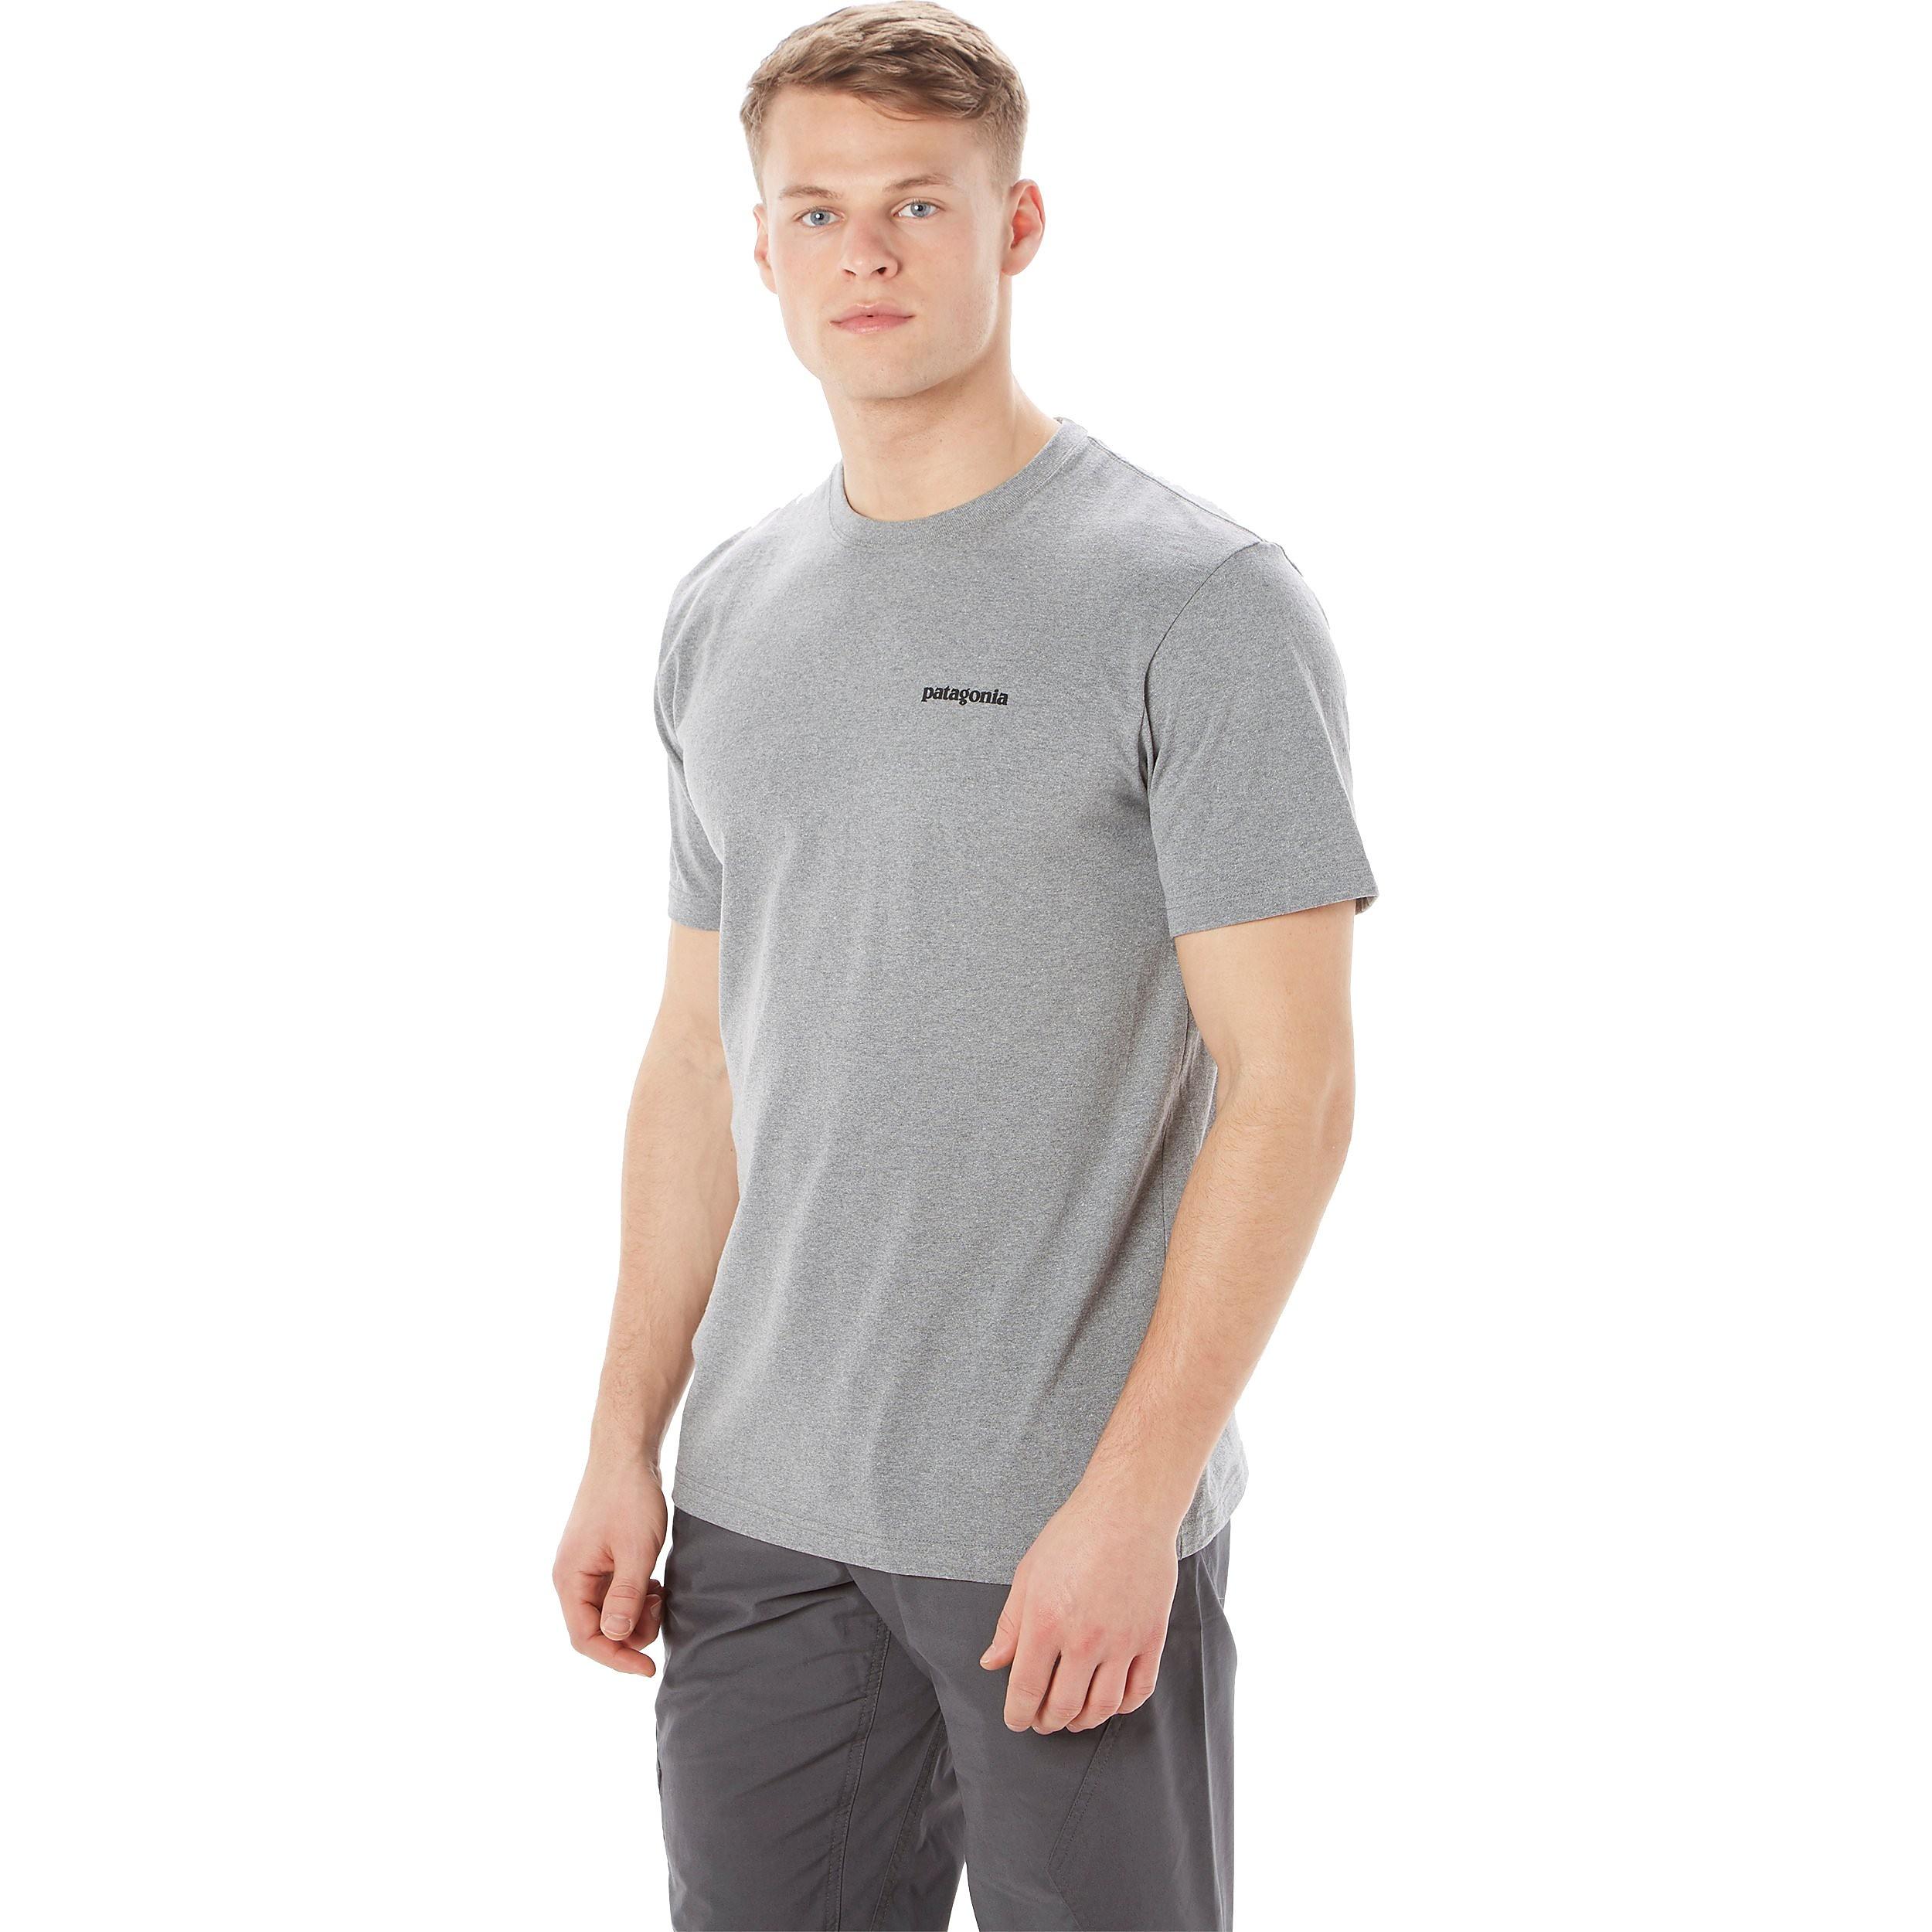 Patagonia P-6 Logo Organic Cotton Men's T-Shirt